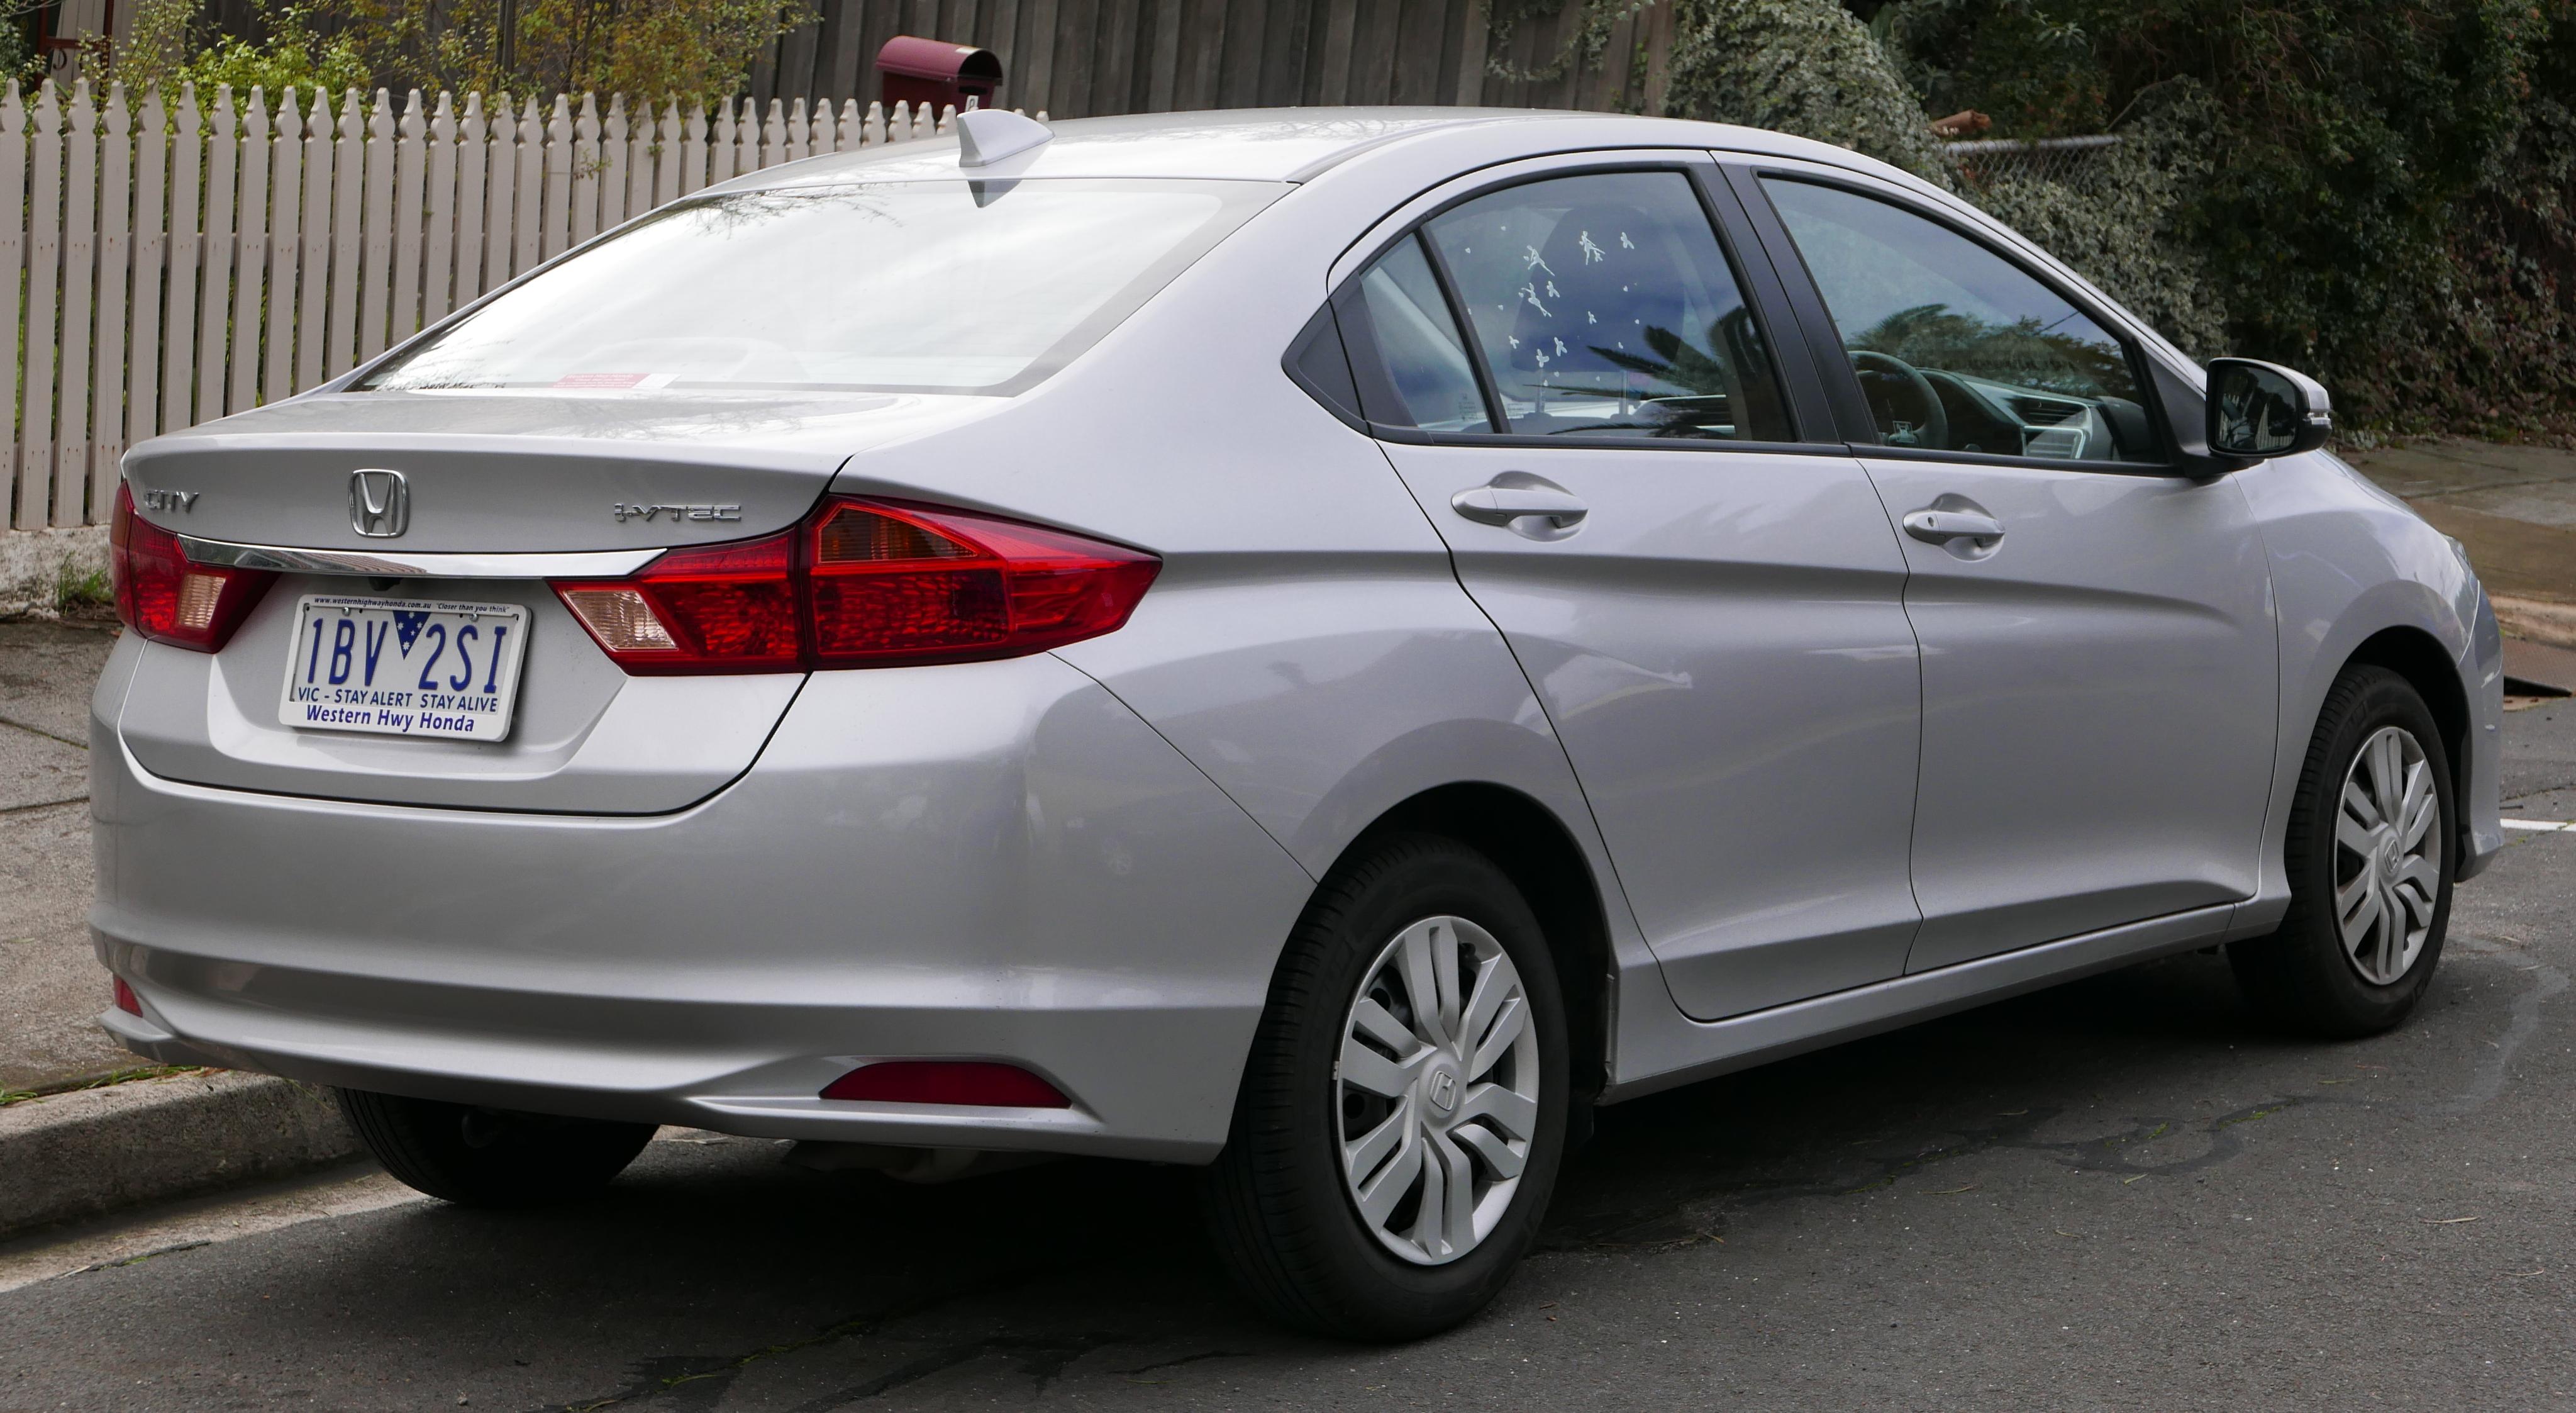 File 2014 Honda City Gm6 My14 Vti Sedan 2015 07 15 02 Jpg Wikimedia Commons